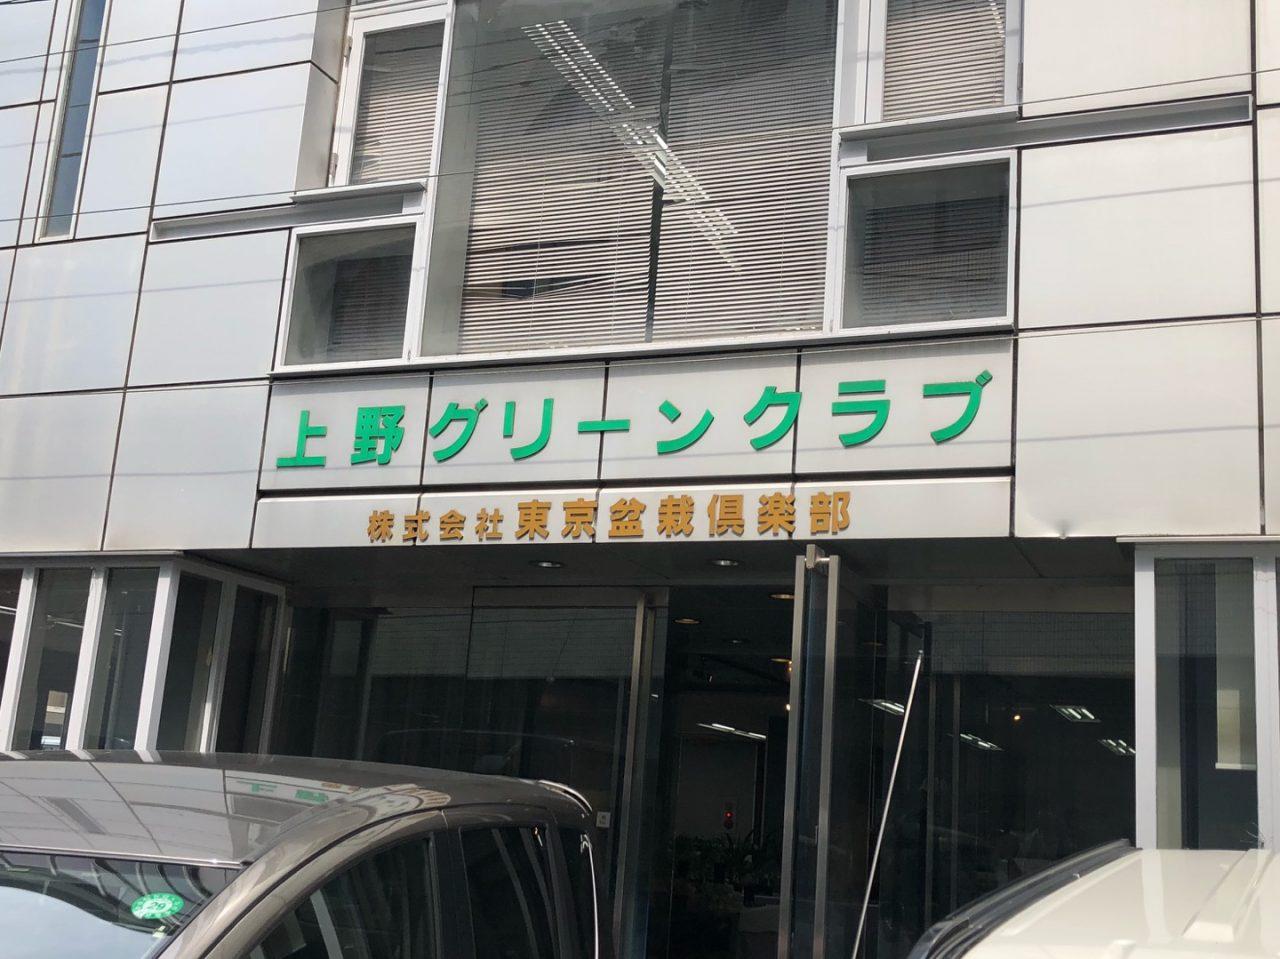 2018/06/23 東洋蘭新芽展・上野グリーンクラブ